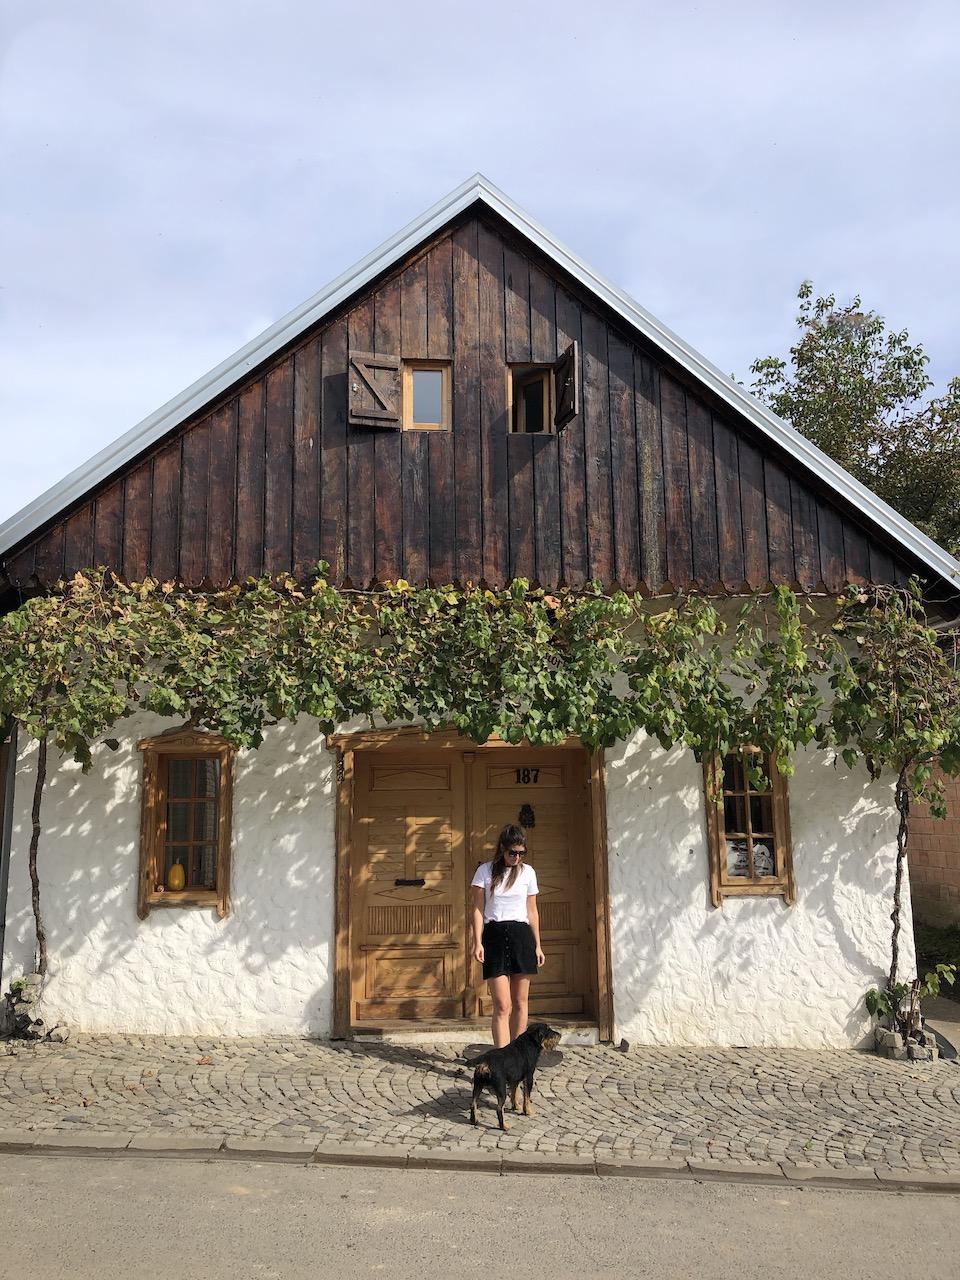 Slavonië Kroatië, op vakantie in Kroatie, balkan reizen, Josic Restaurant and Winery